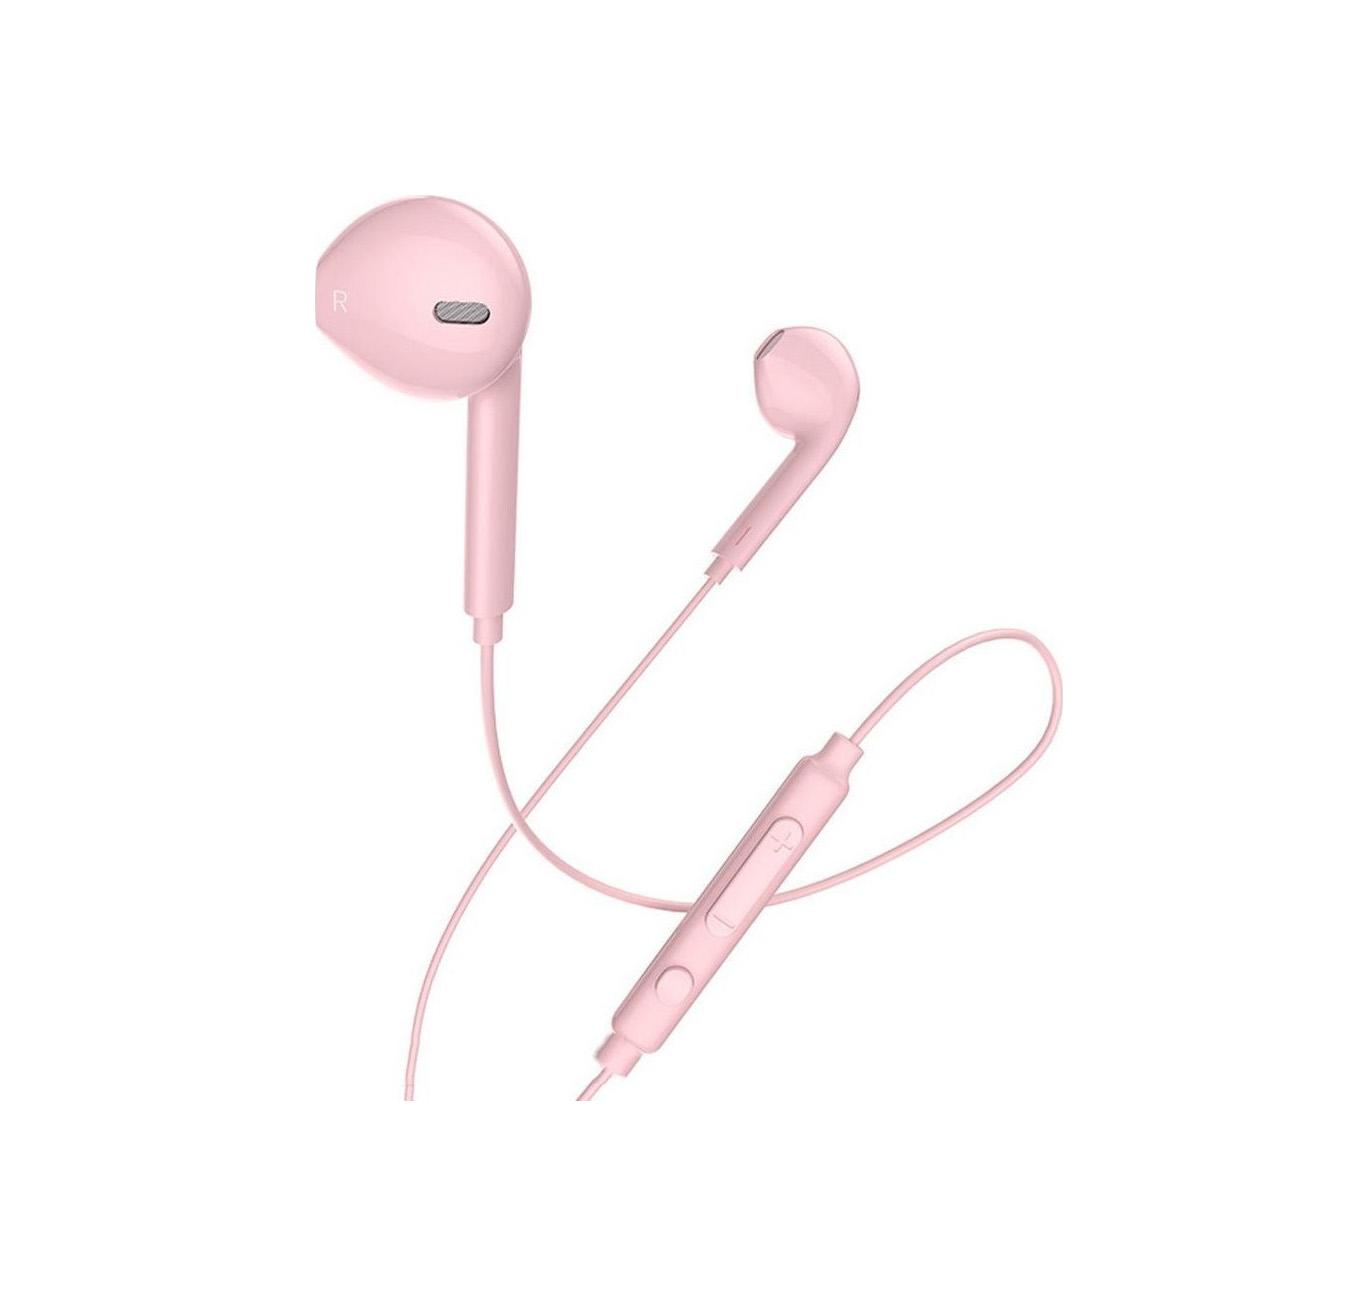 Hoco Earphones Memory M55 3.5mm Pink